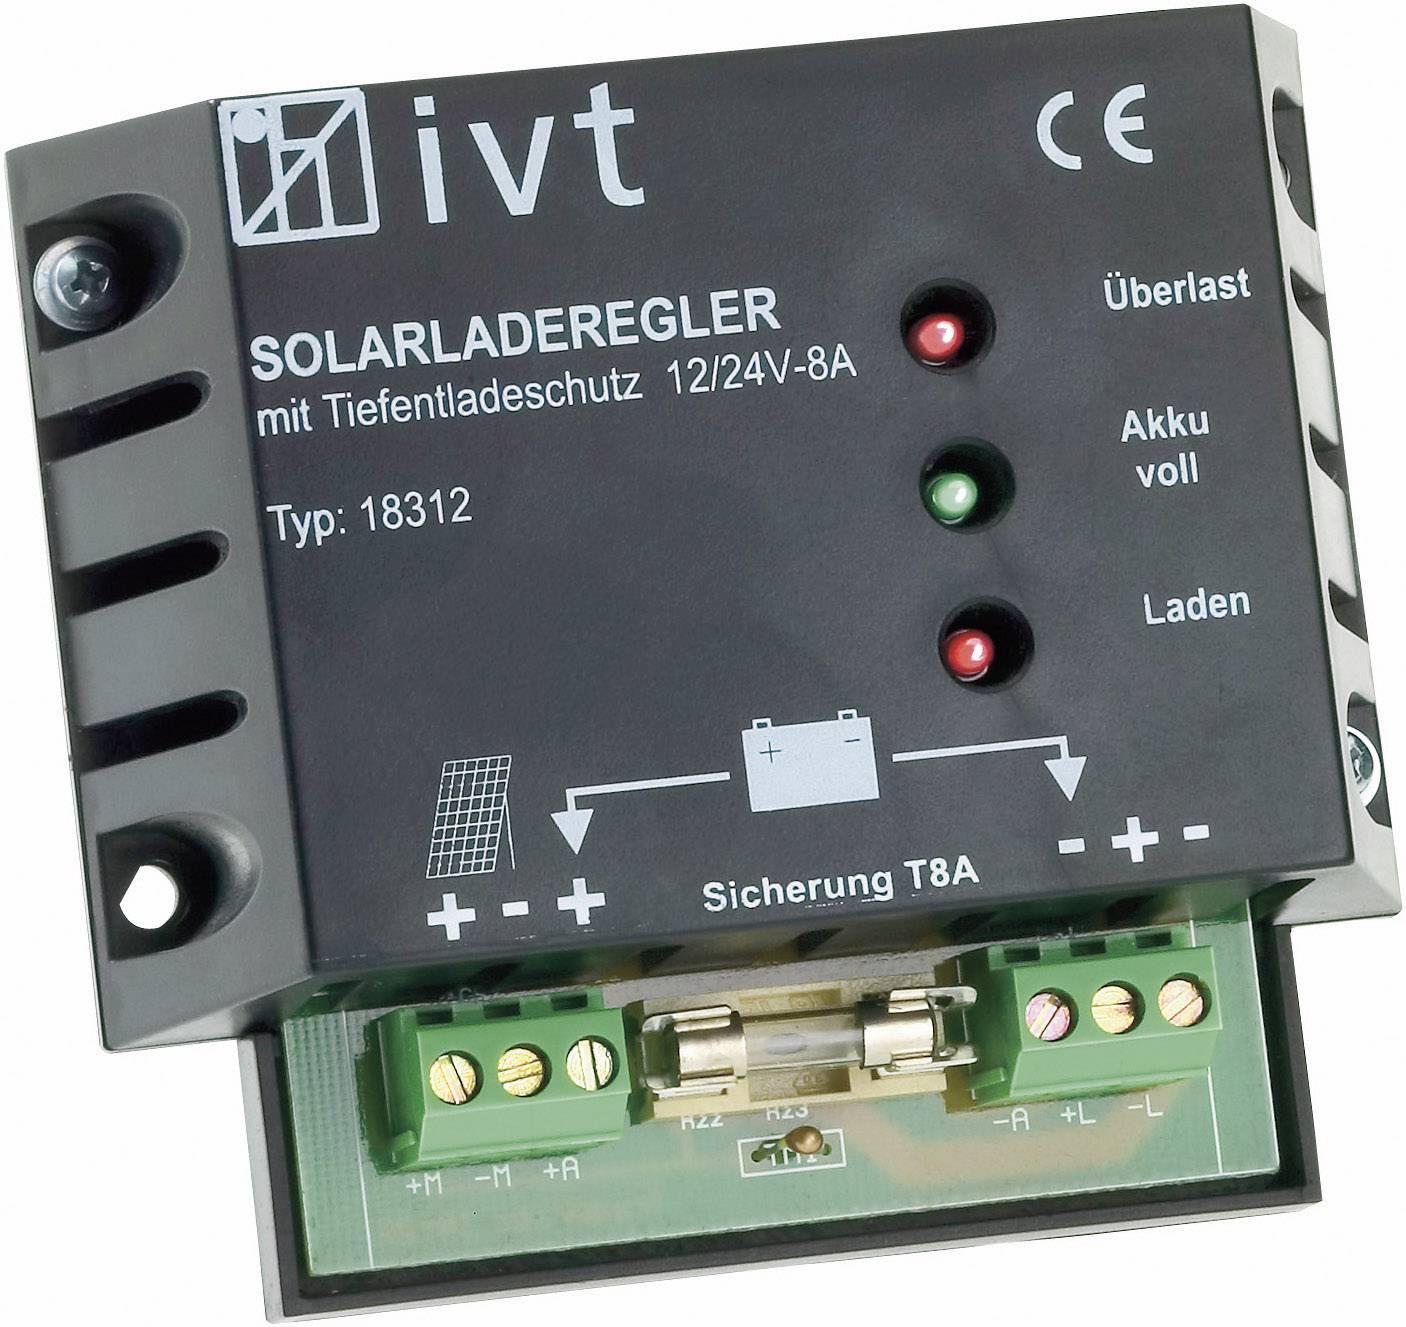 Solární regulátor nabíjení IVT, 12/24 V, 8 A